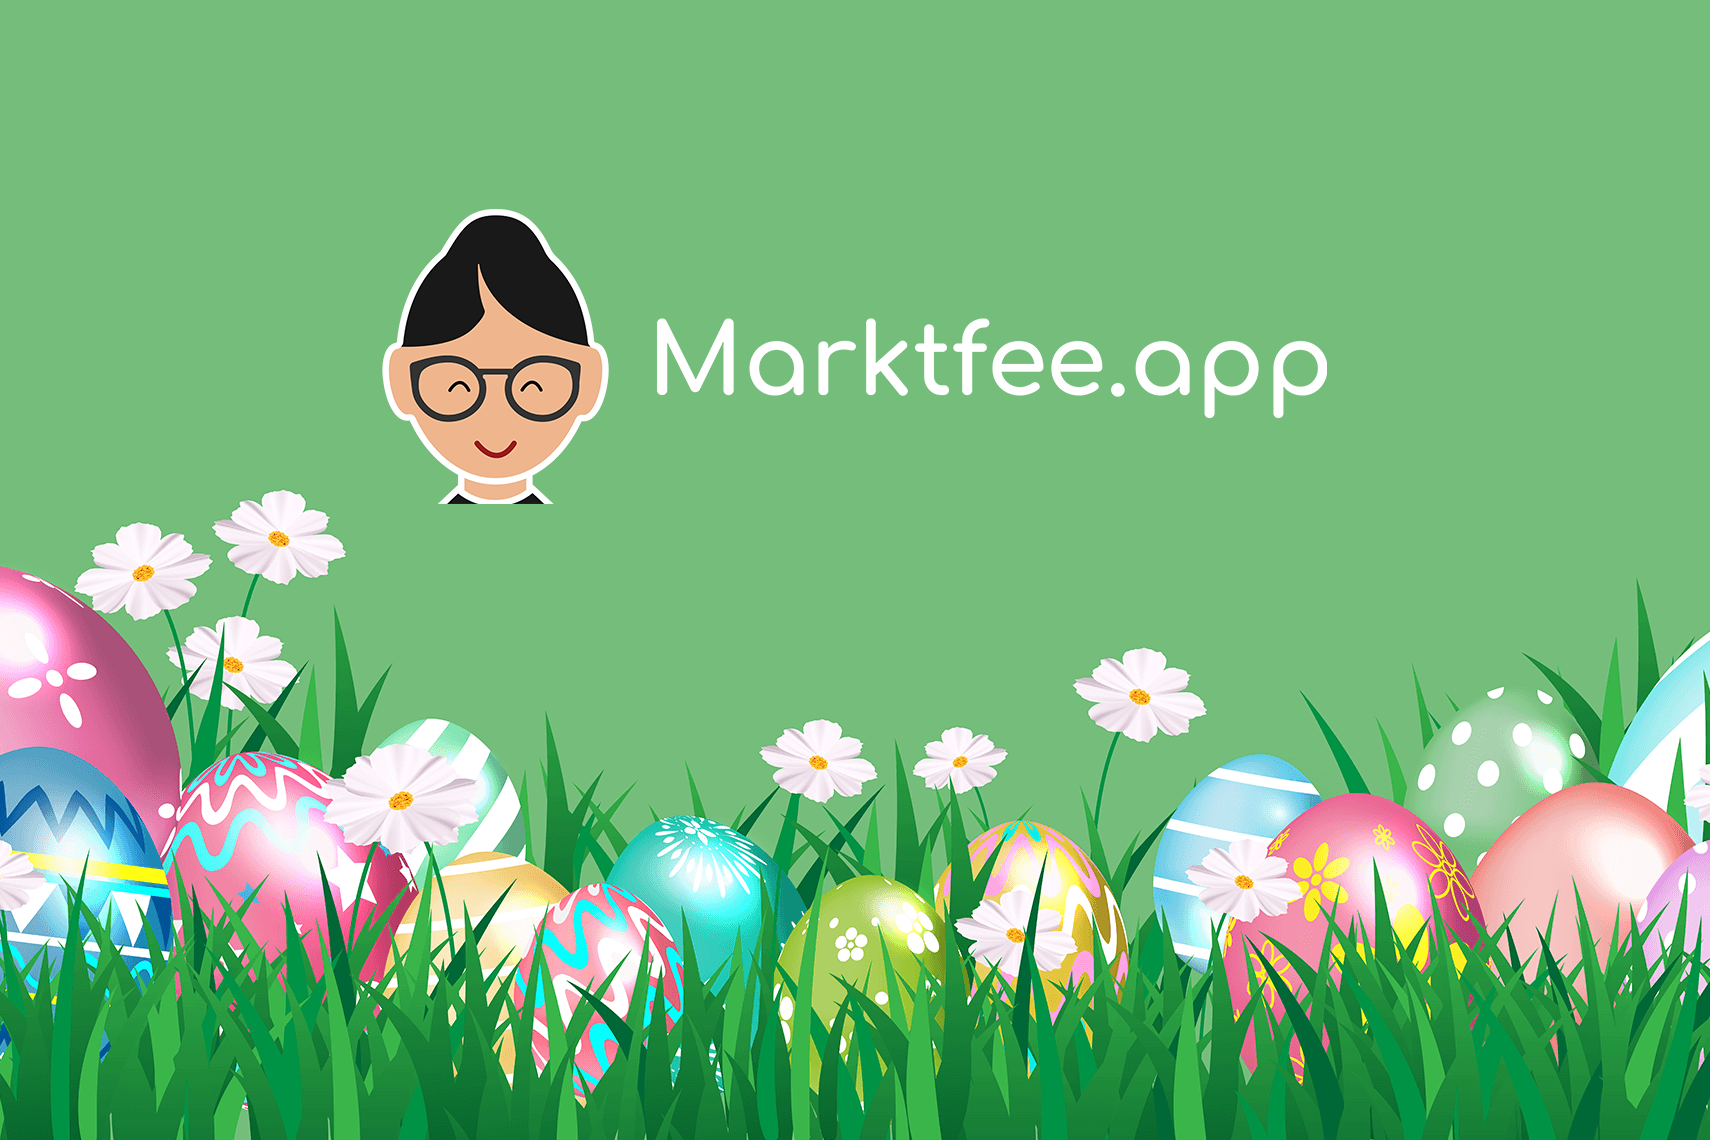 Marktfee.app - Ostern bei Marktfee.app: sicher und bequem Lebensmittel aus der Region online bestellen